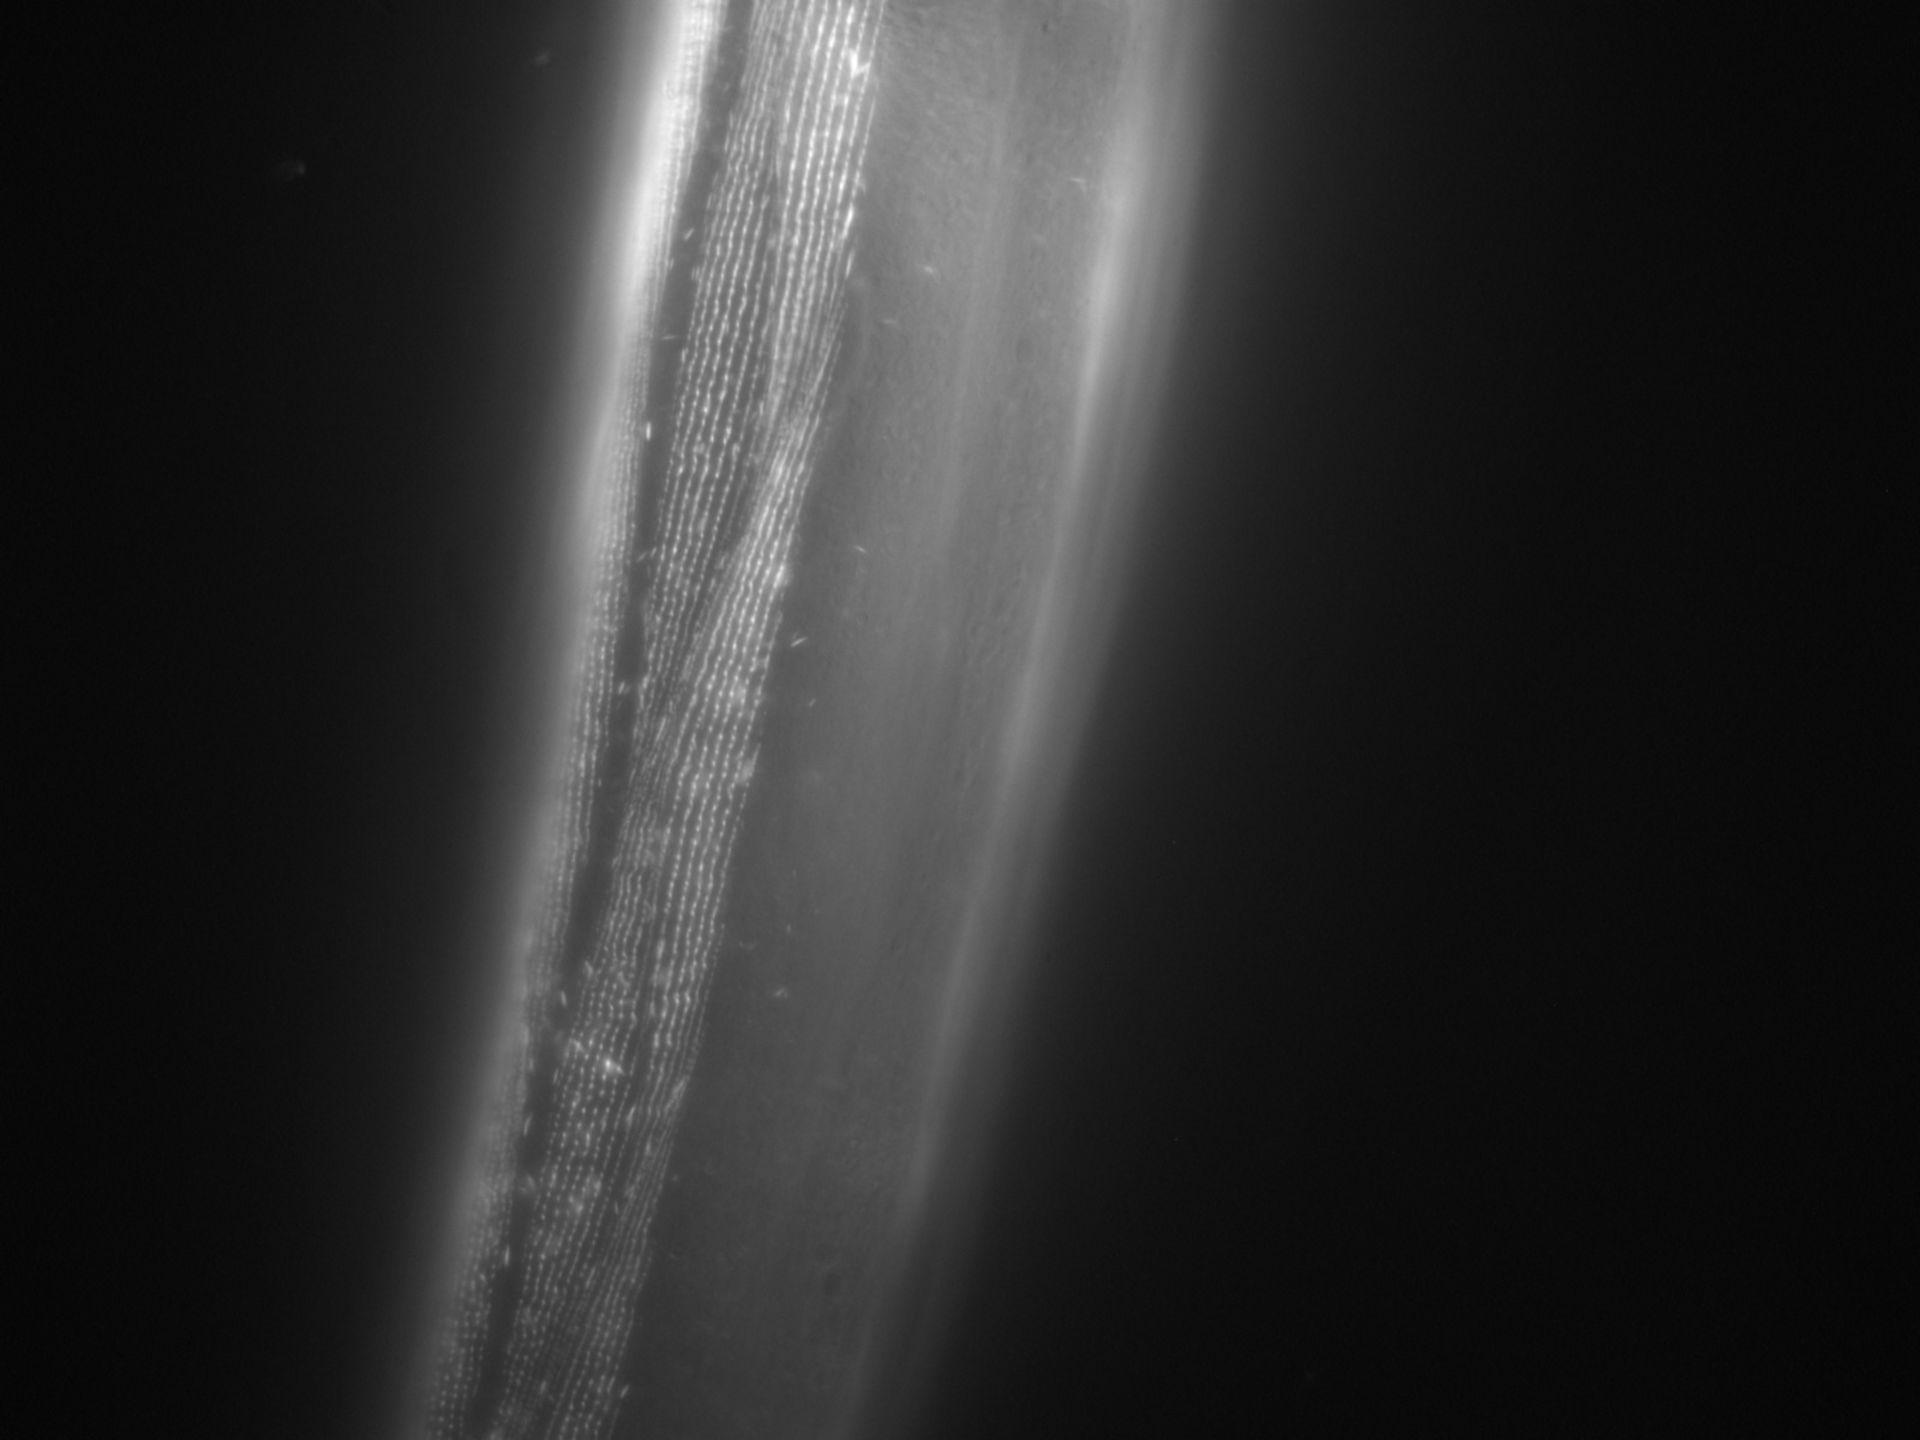 Caenorhabditis elegans (Actin filament) - CIL:1016